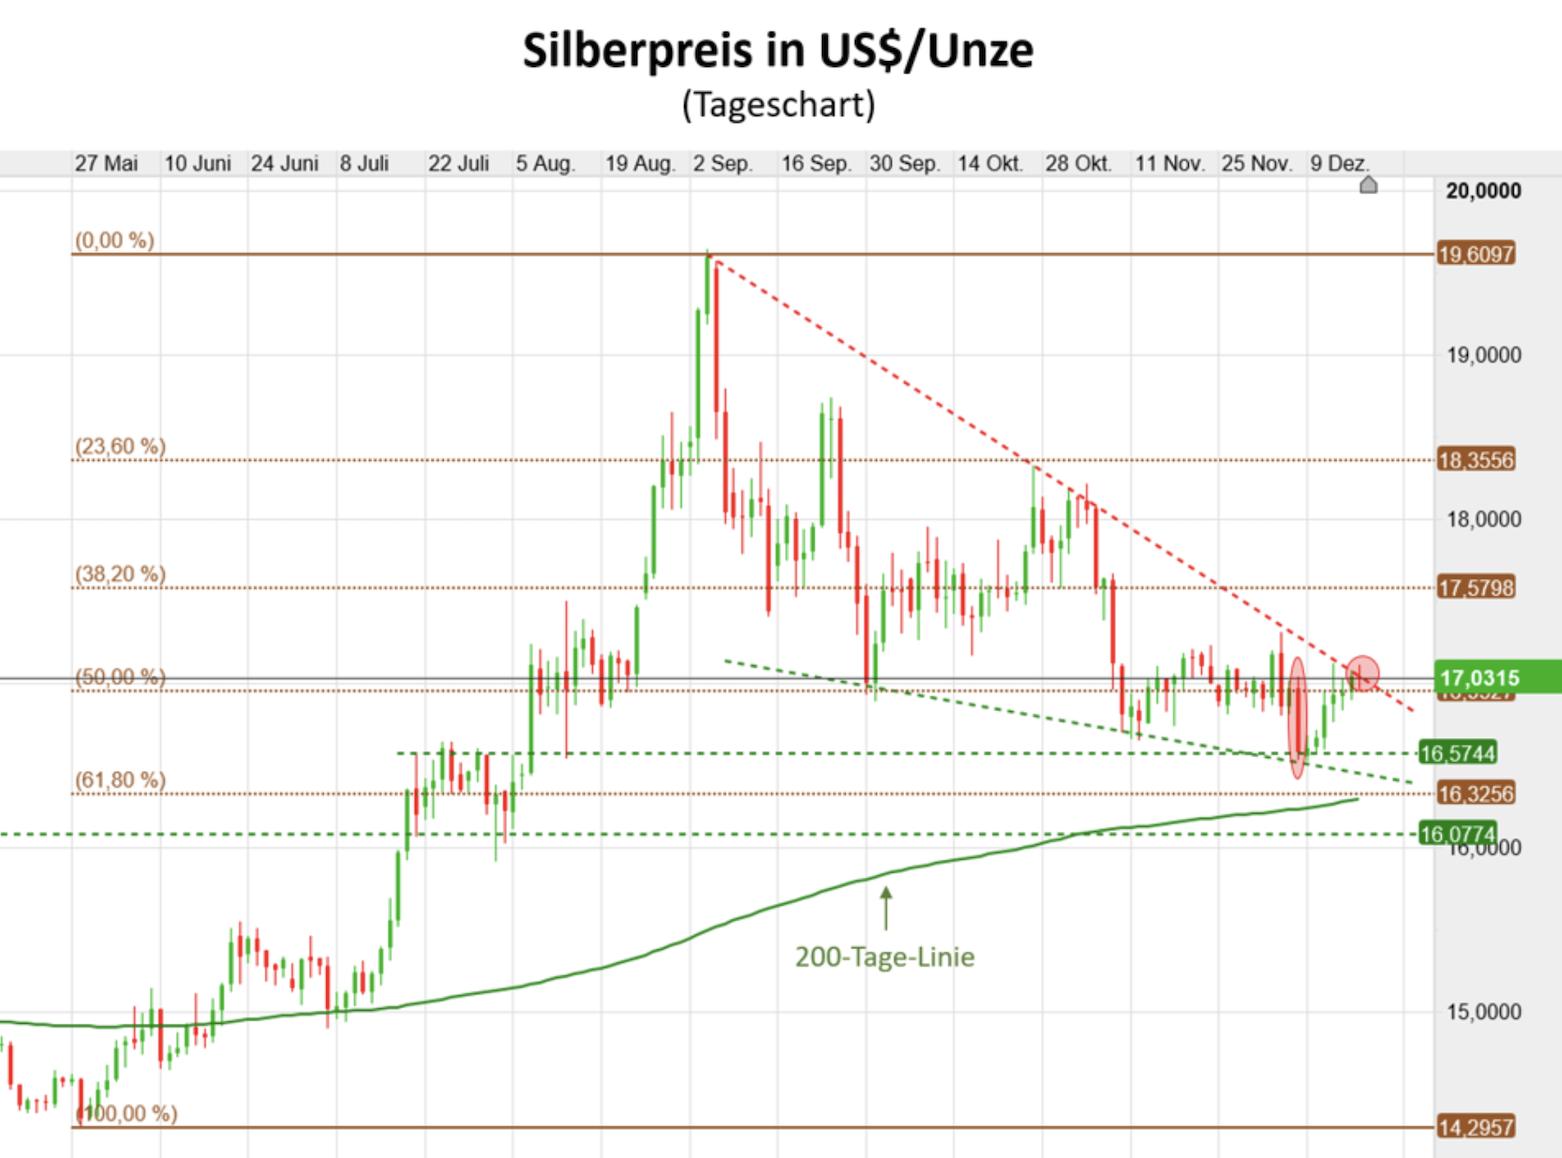 Silberpreis in USD als Tageschart